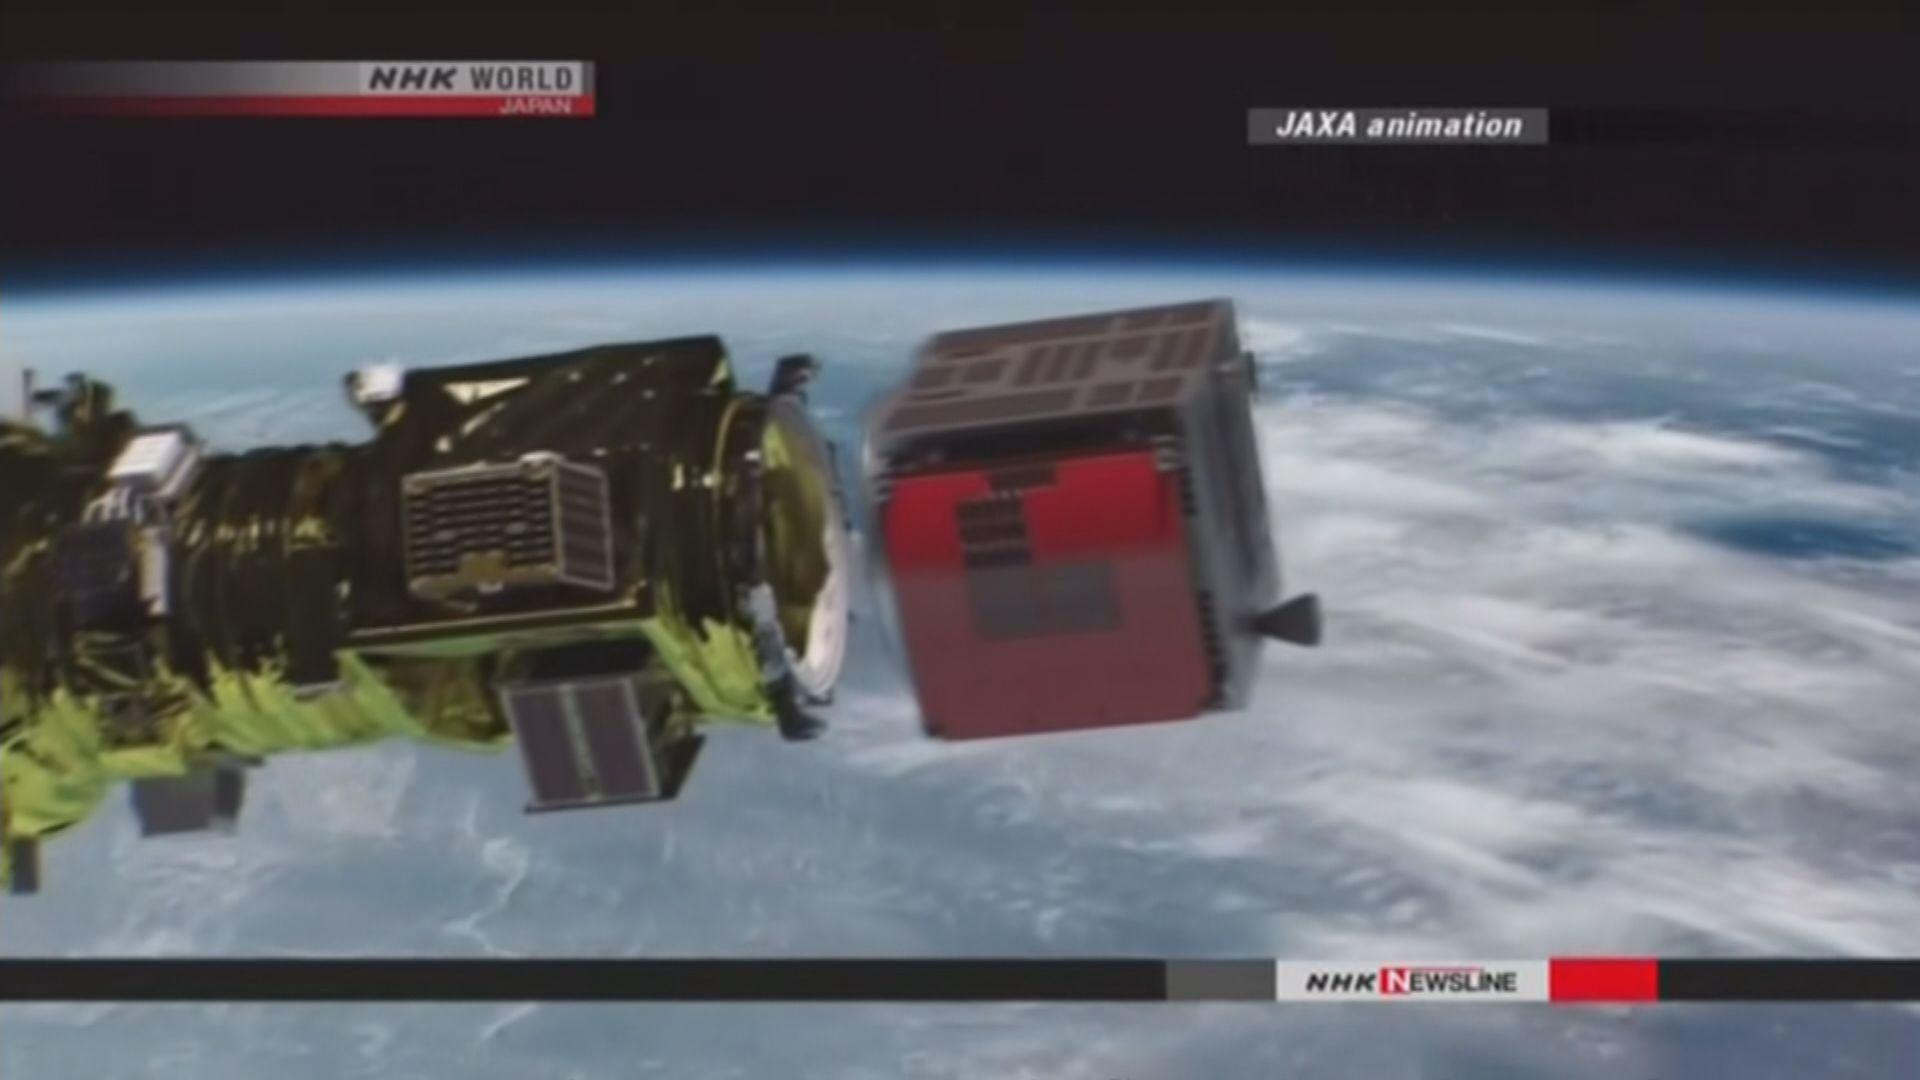 日本發射小型衛星可製造流星雨